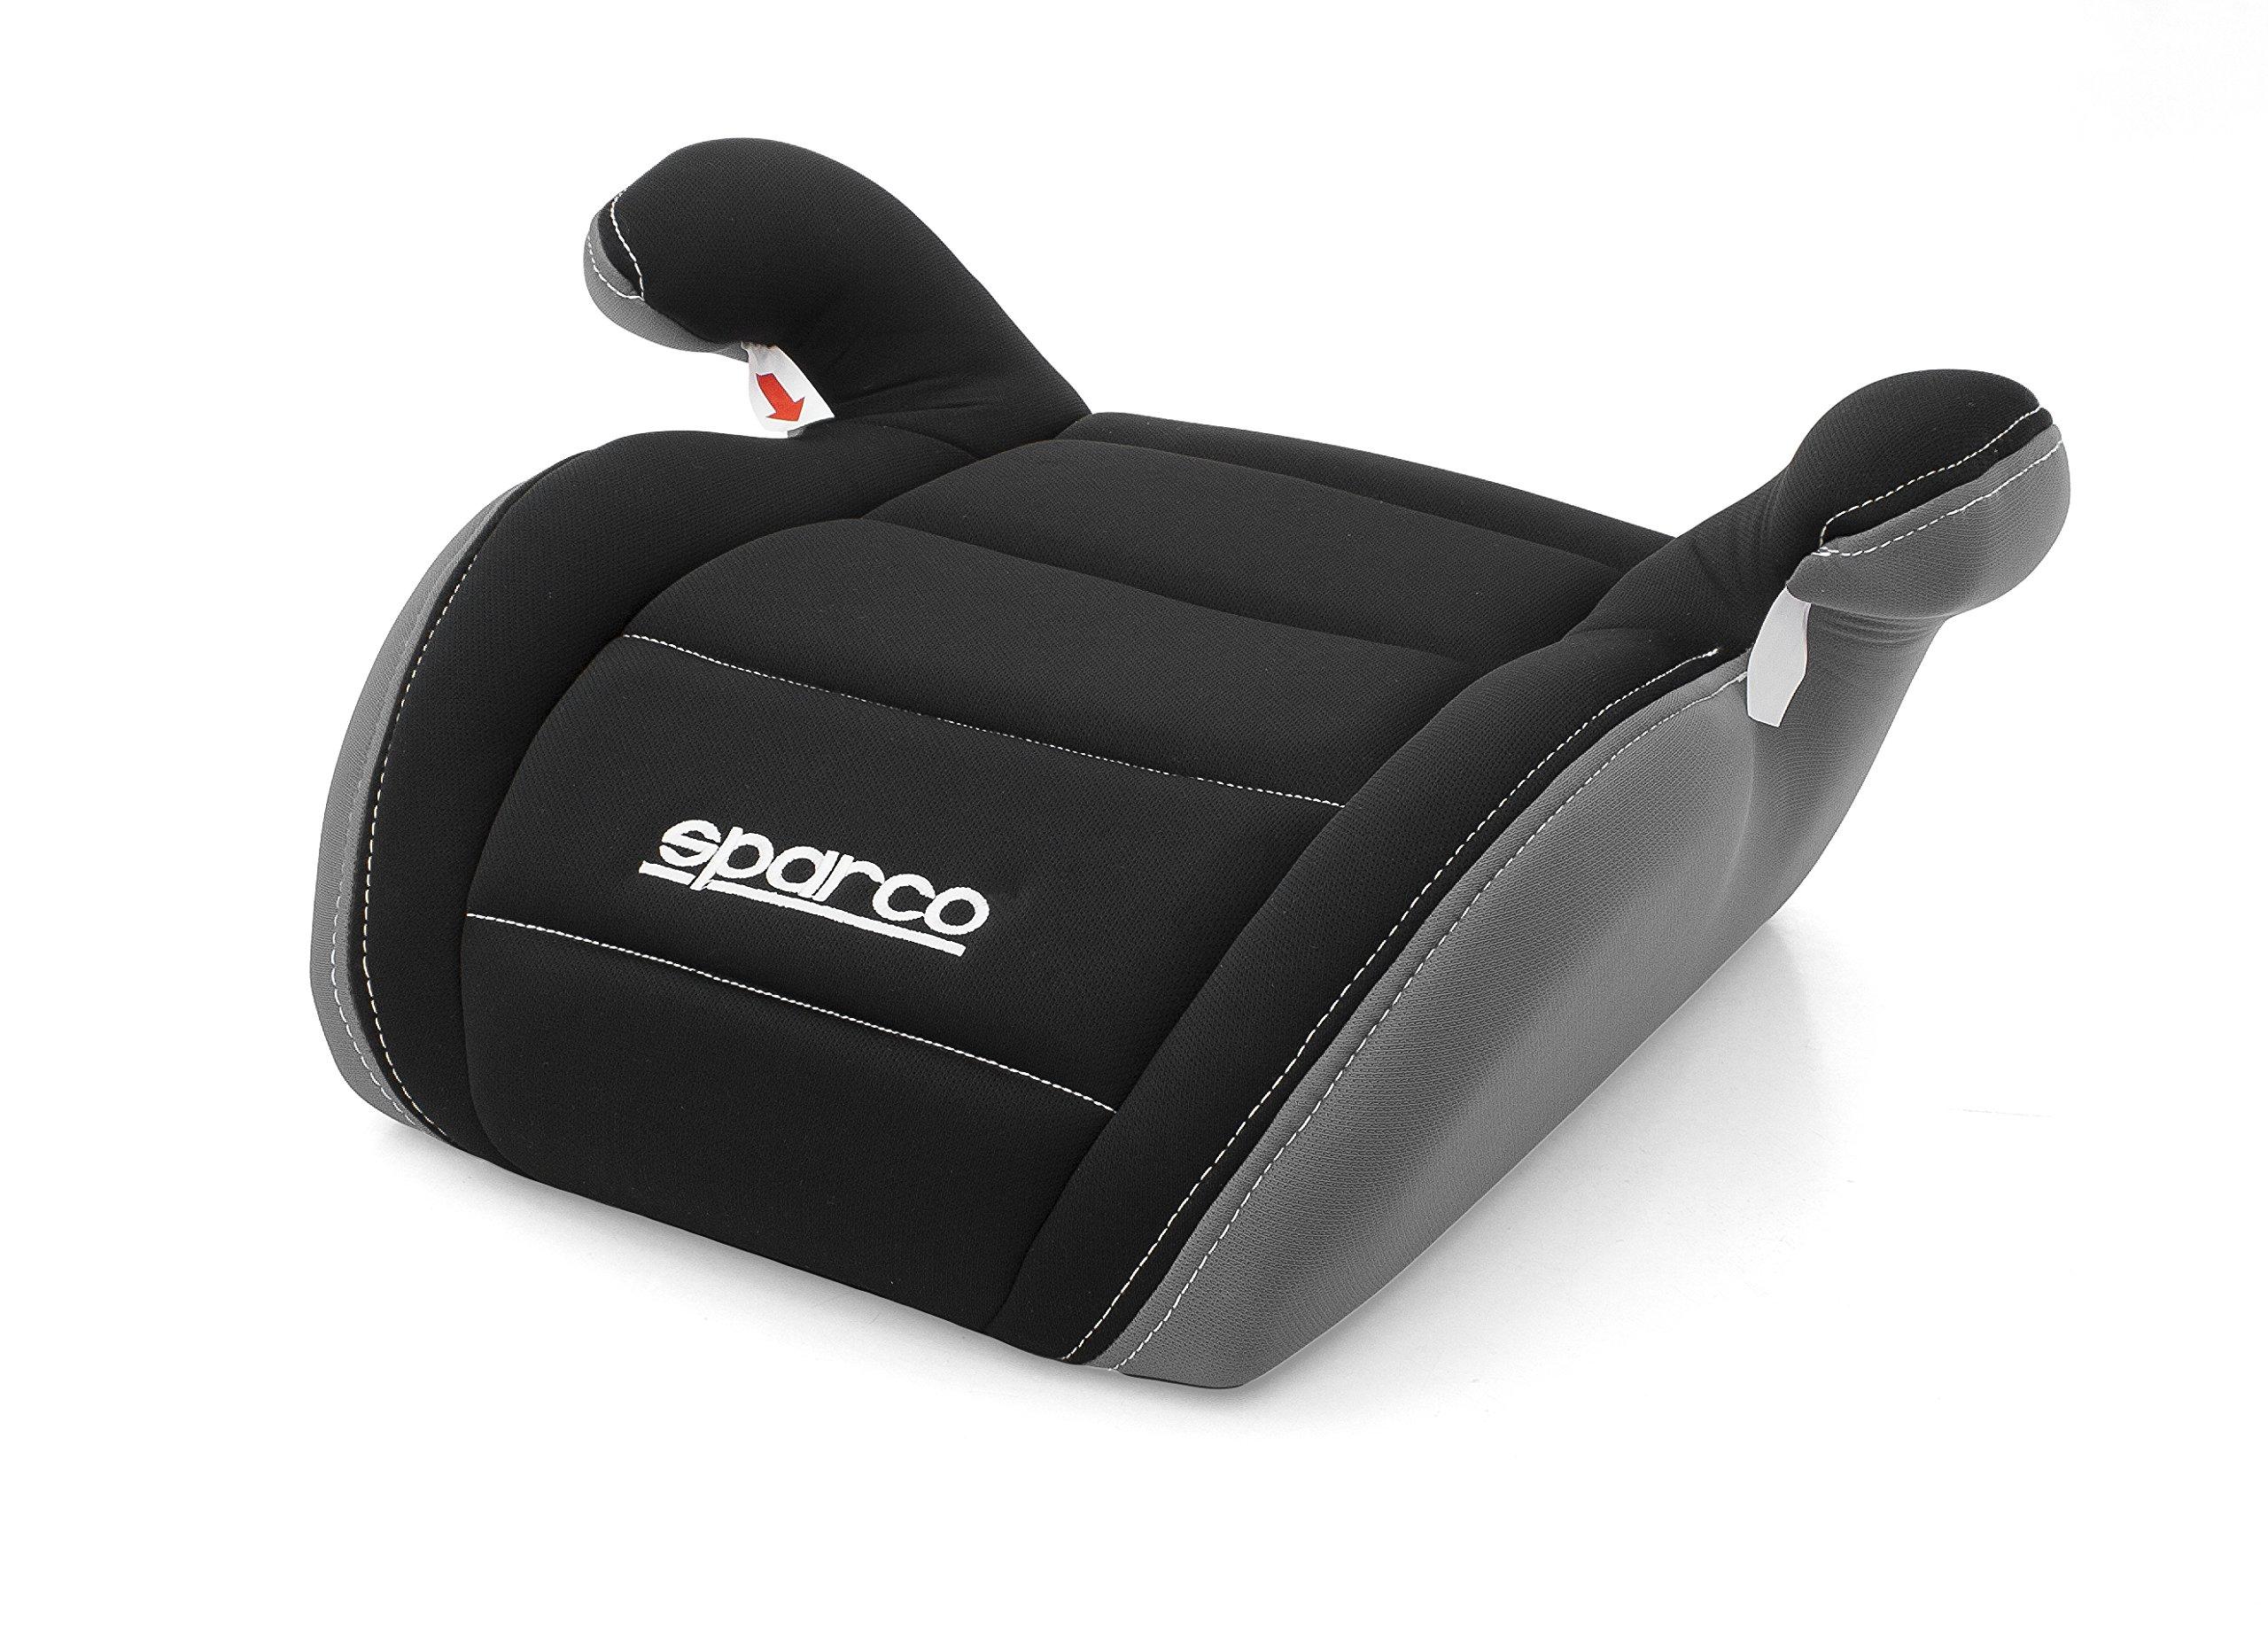 Sparco SP 924ZG Child Seat Sparco Sparco SP 924ZG Child Seat Sparco child seat Black/Grey F100 15 to 36 kg, 4 till 12 year (E1) 1